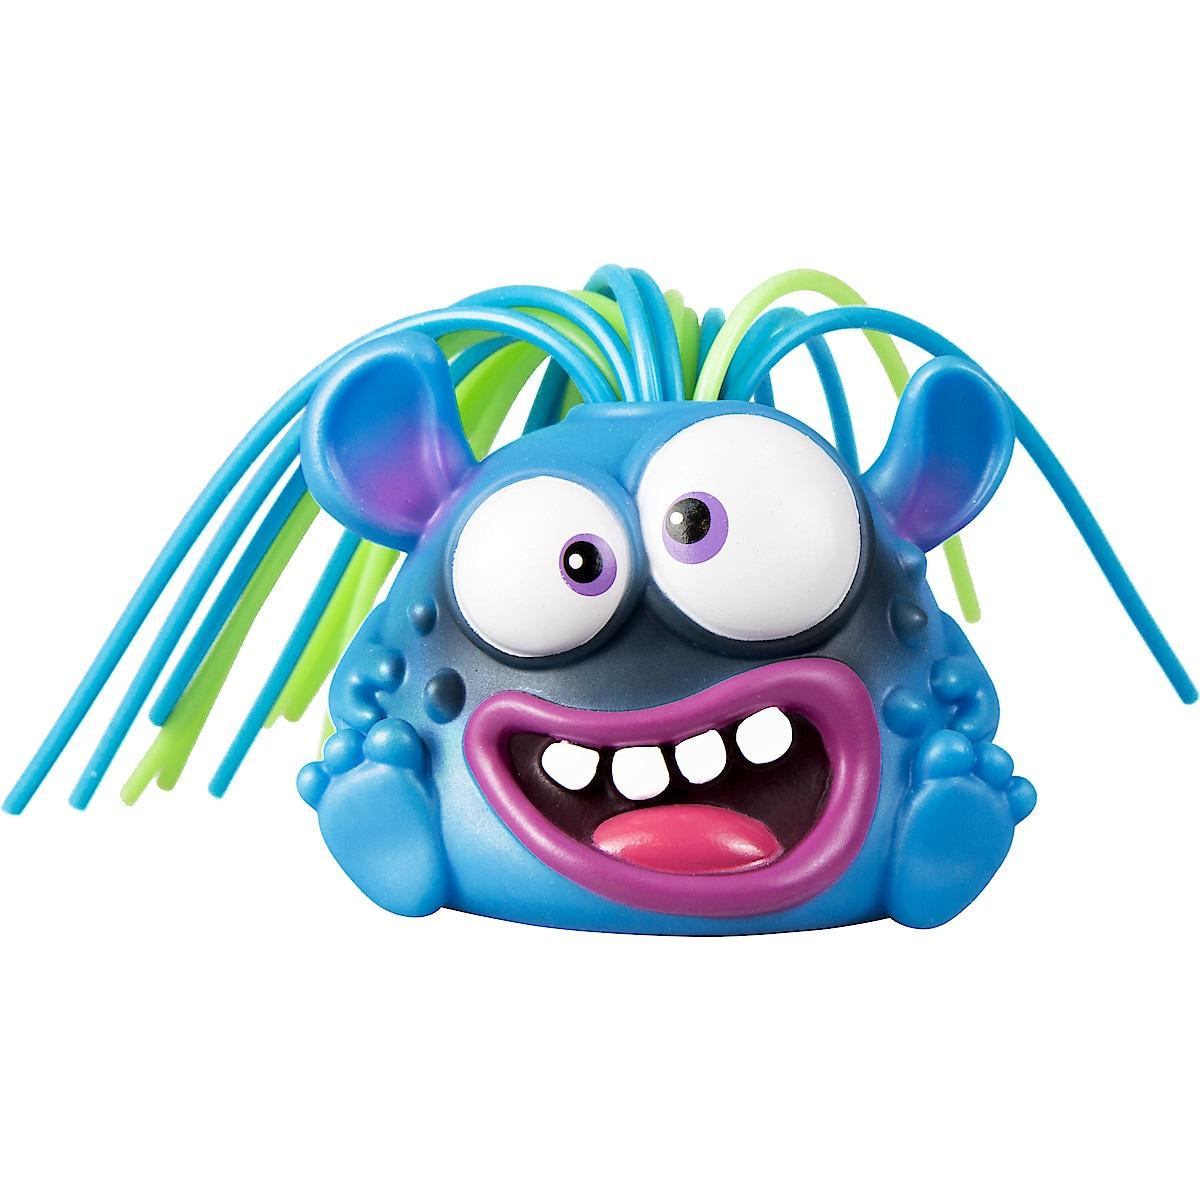 Screaming Pals interaktiv leksak, Silverlit